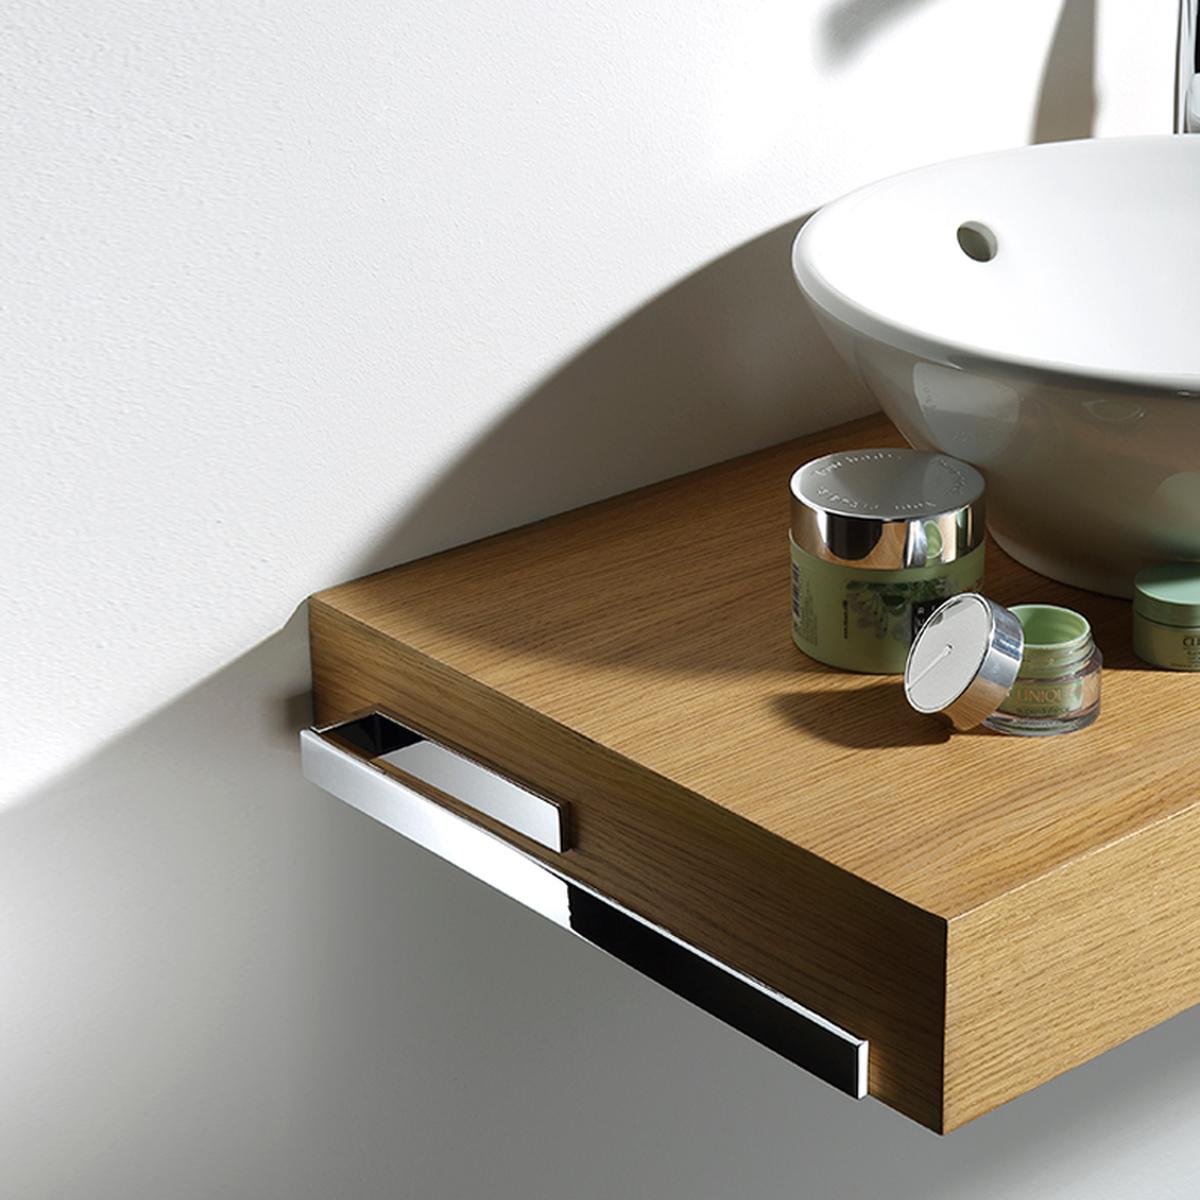 handtuchhalter f r badm bel und waschtischkonsolen. Black Bedroom Furniture Sets. Home Design Ideas